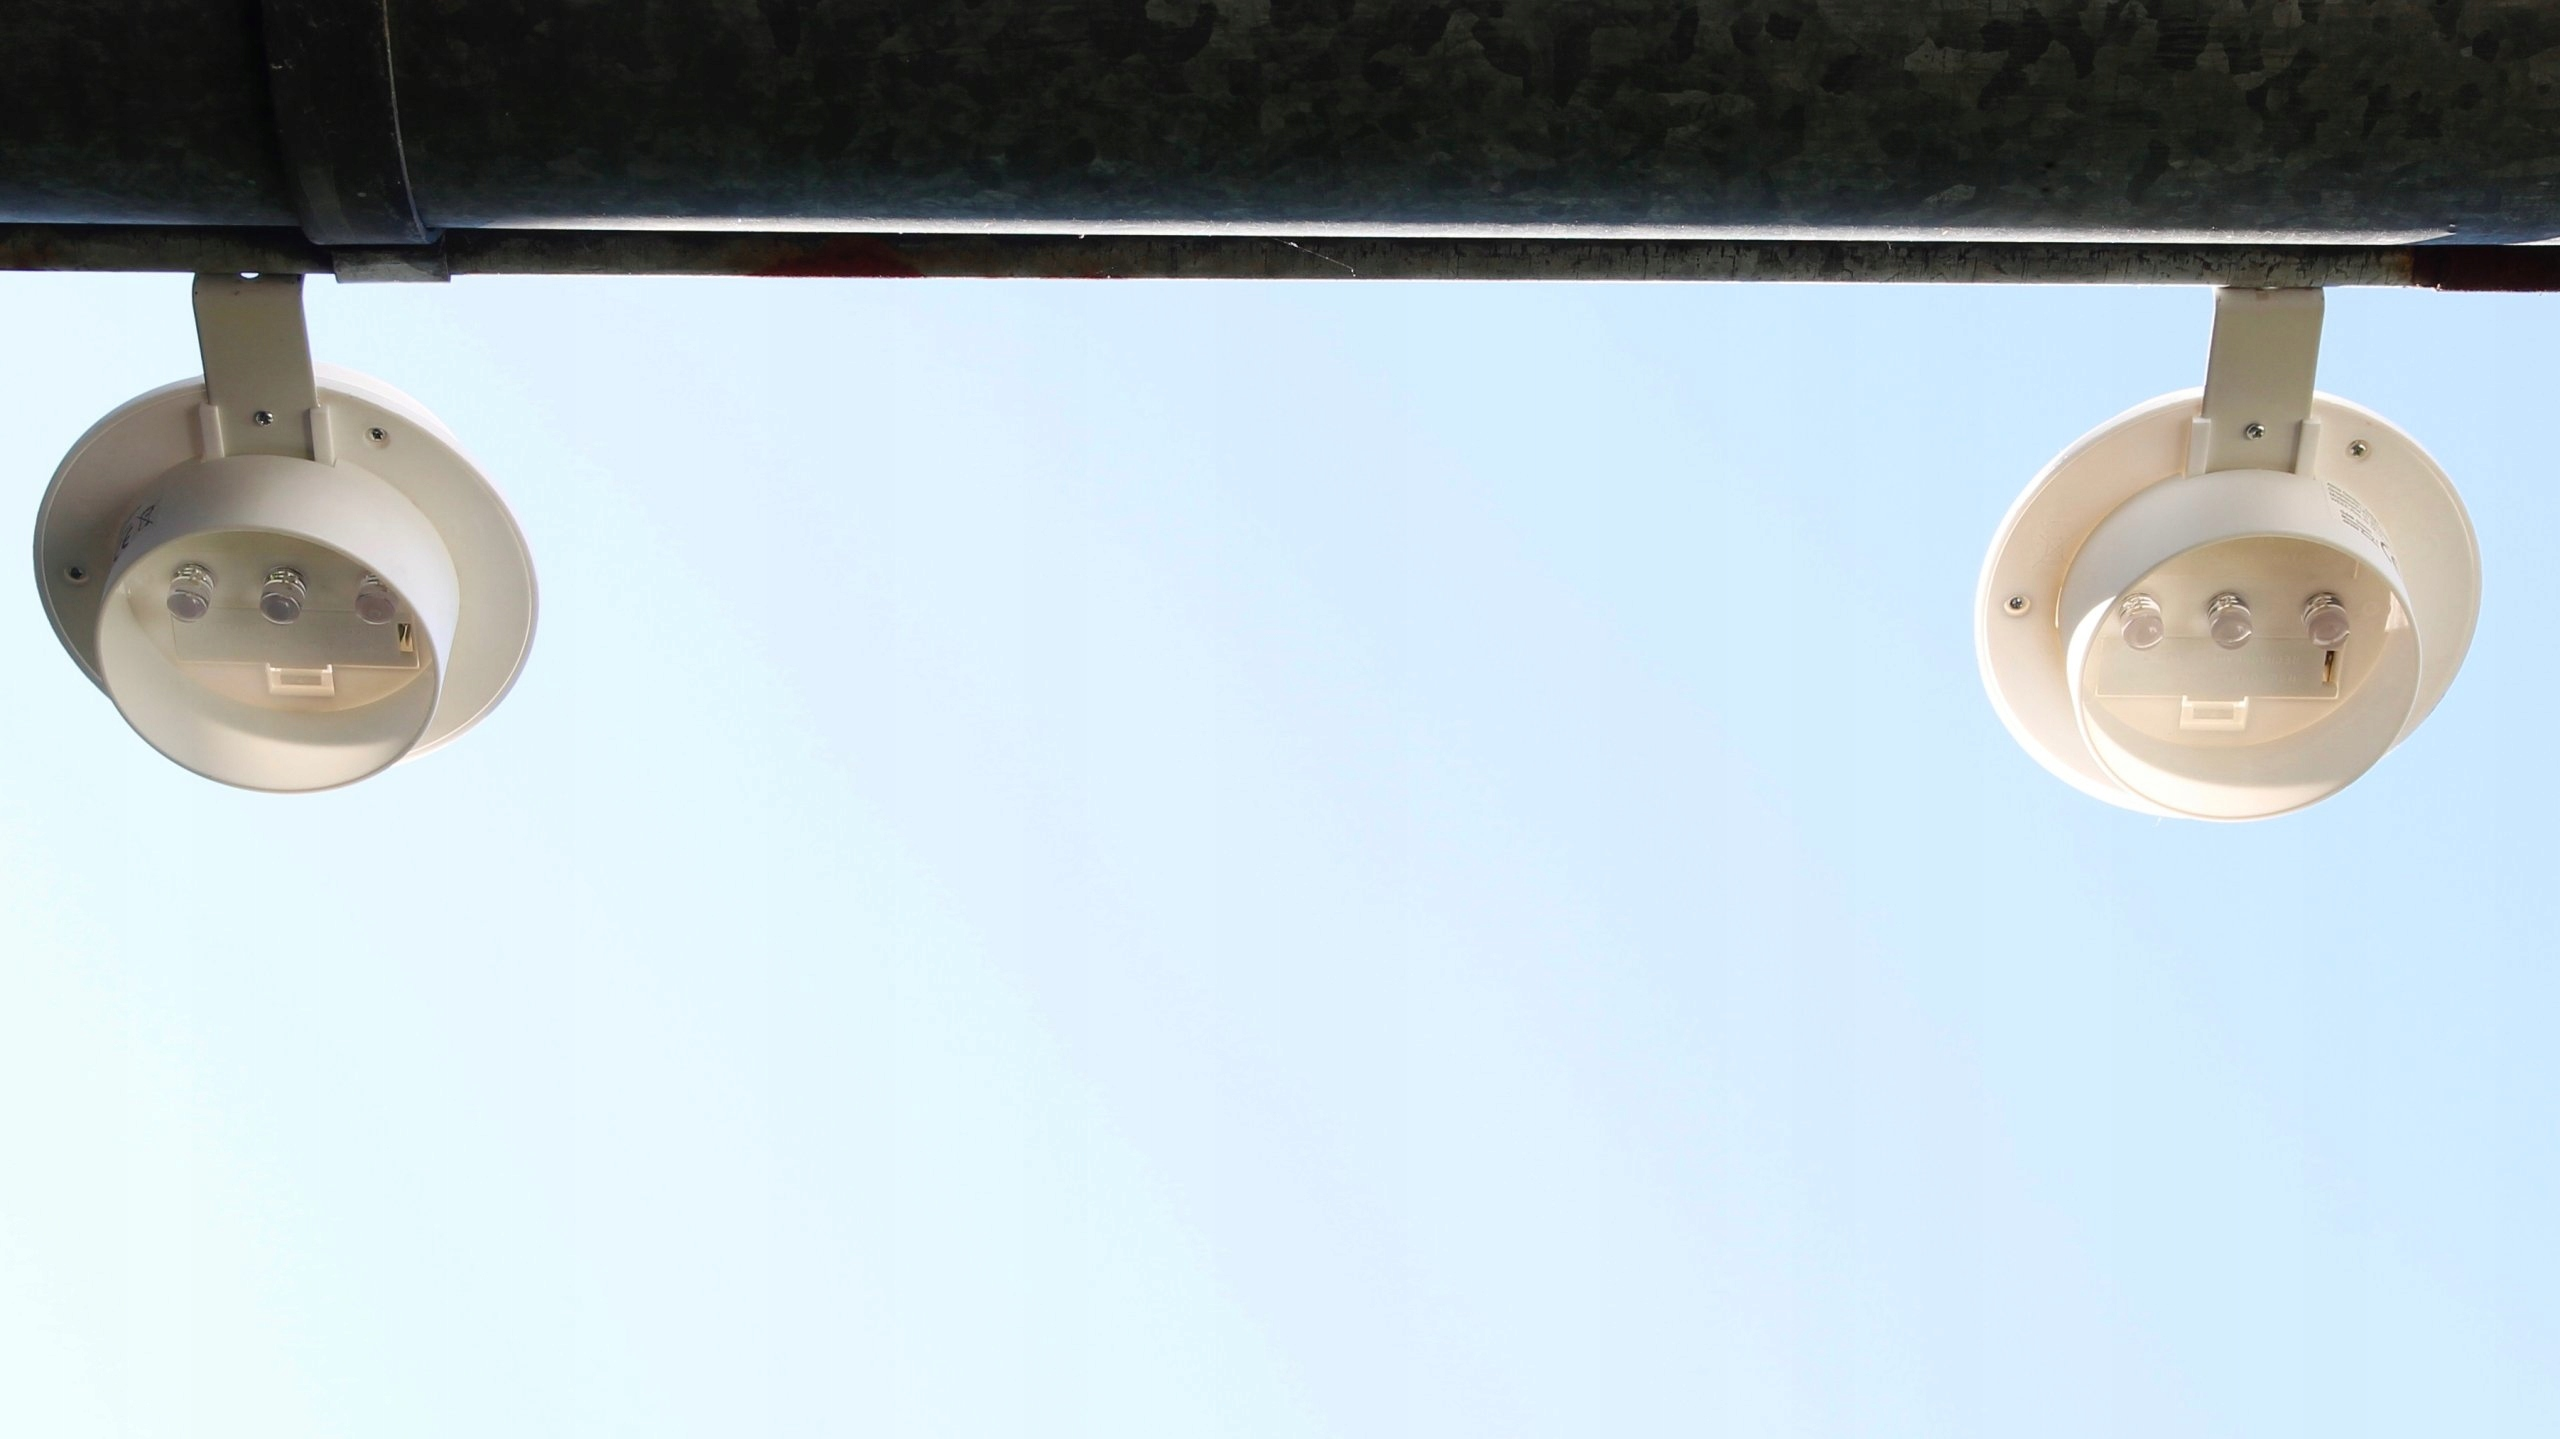 2 Lampy Solarne Kinkiet Balkon Ogród Poręcz 7338924190